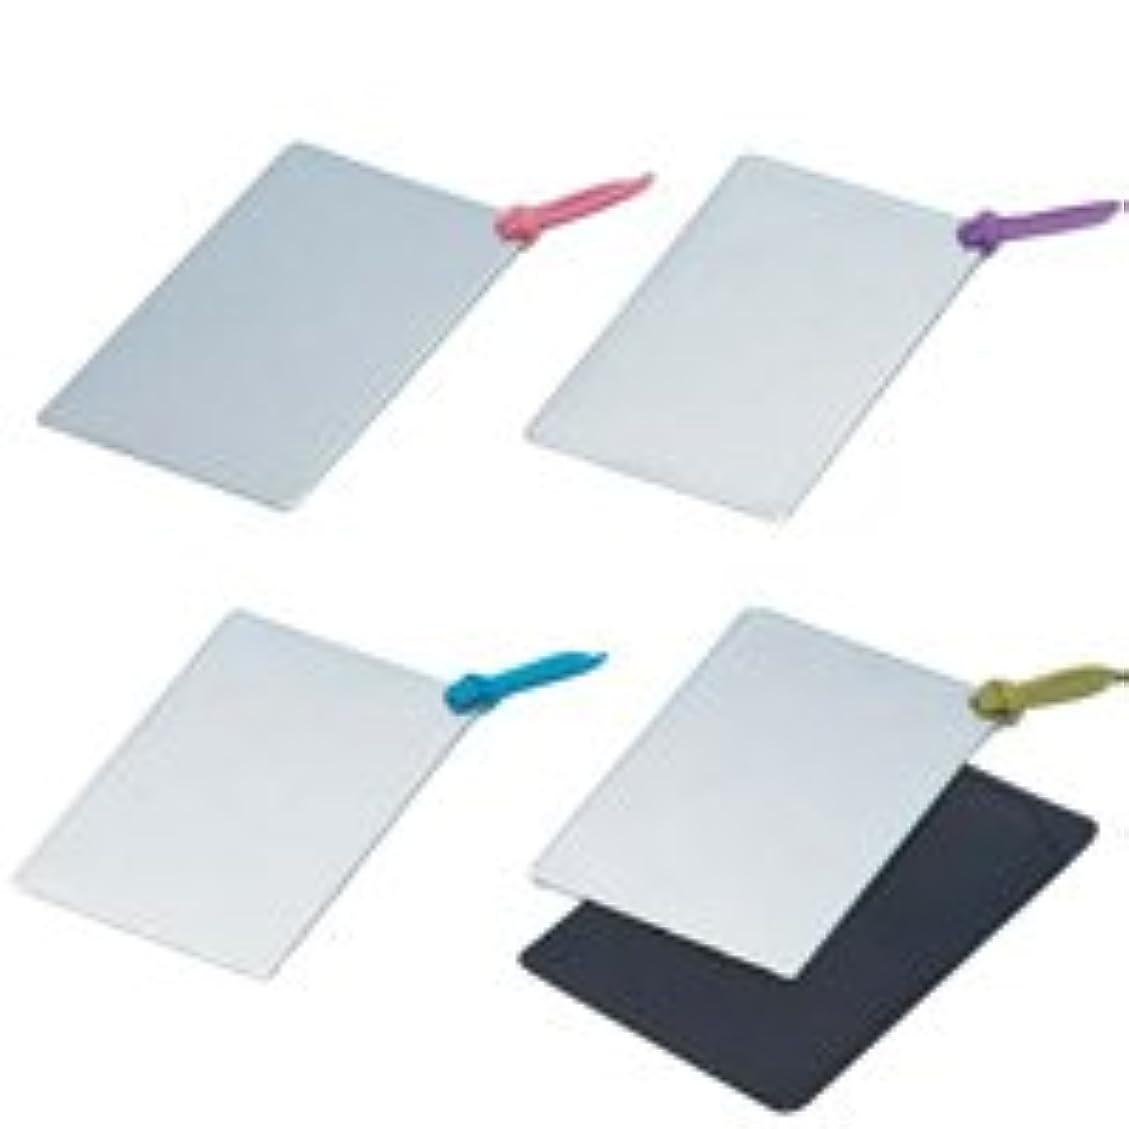 メインアウターナンセンスステンレス カードミラー 角型 安全 割れない 鏡 [ミラー] SC-01 堀内鏡工業【※このページは「ピンク」のみの販売です】ピンク